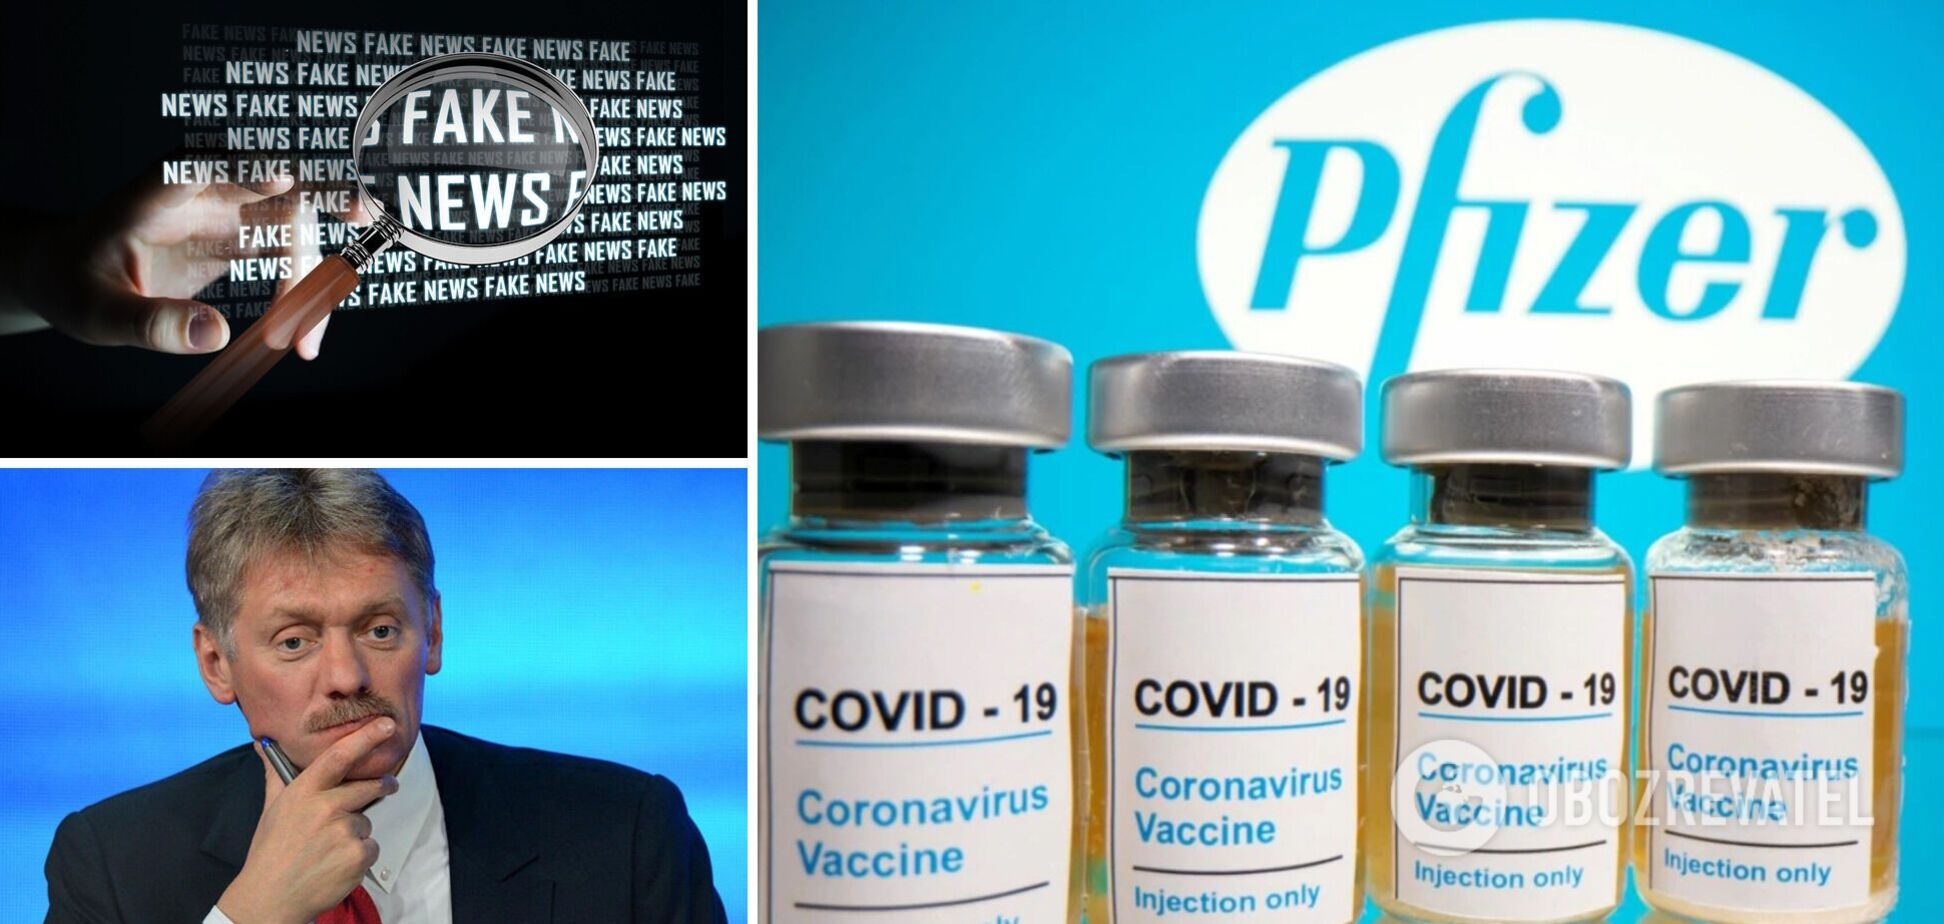 ЗМІ дізналися, що РФ поширює фейки про західні вакцини: в Кремлі відреагували